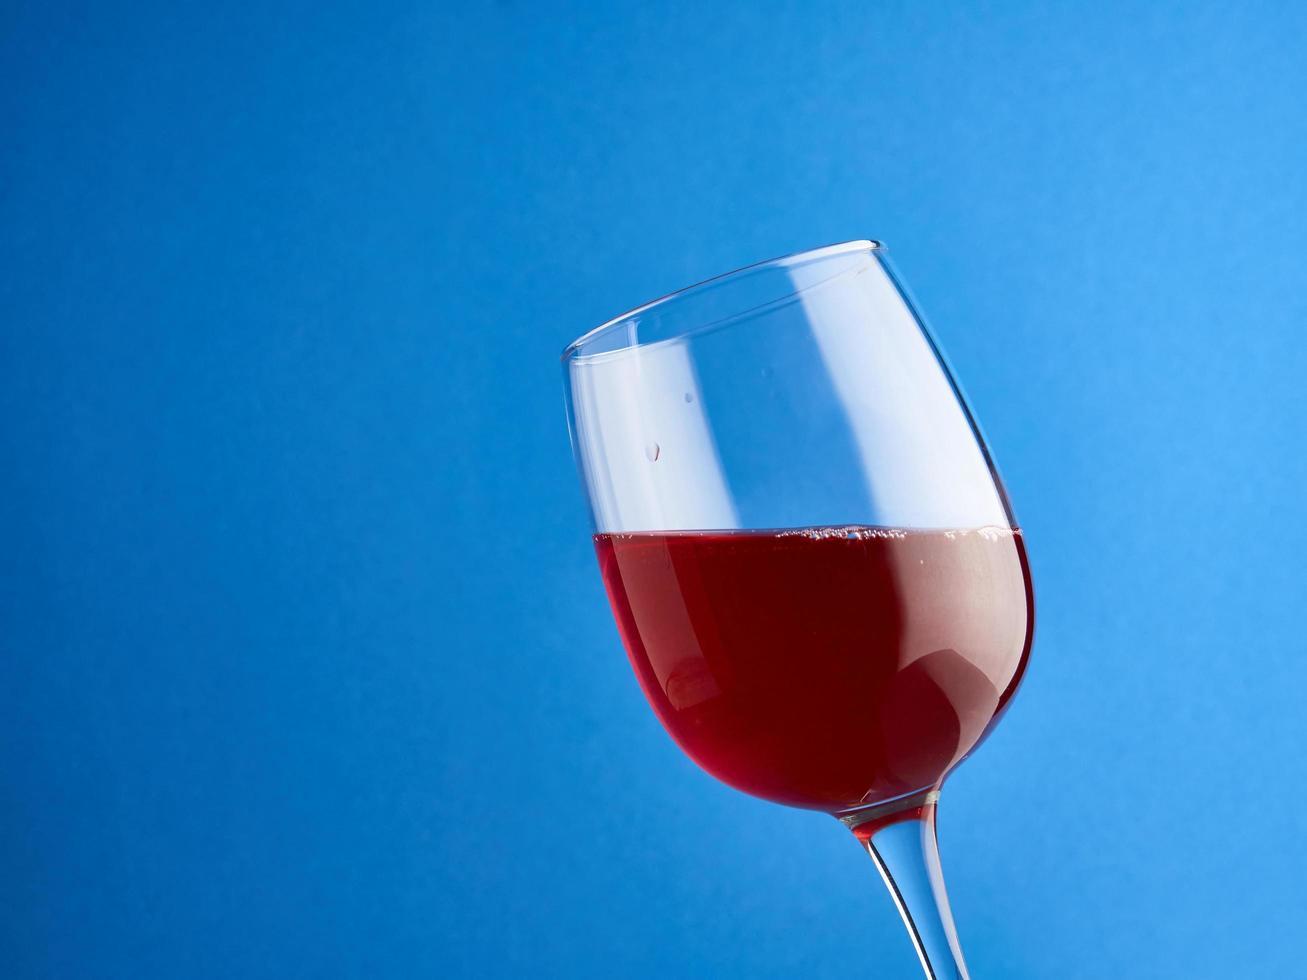 bicchiere di vino rosso su sfondo blu foto